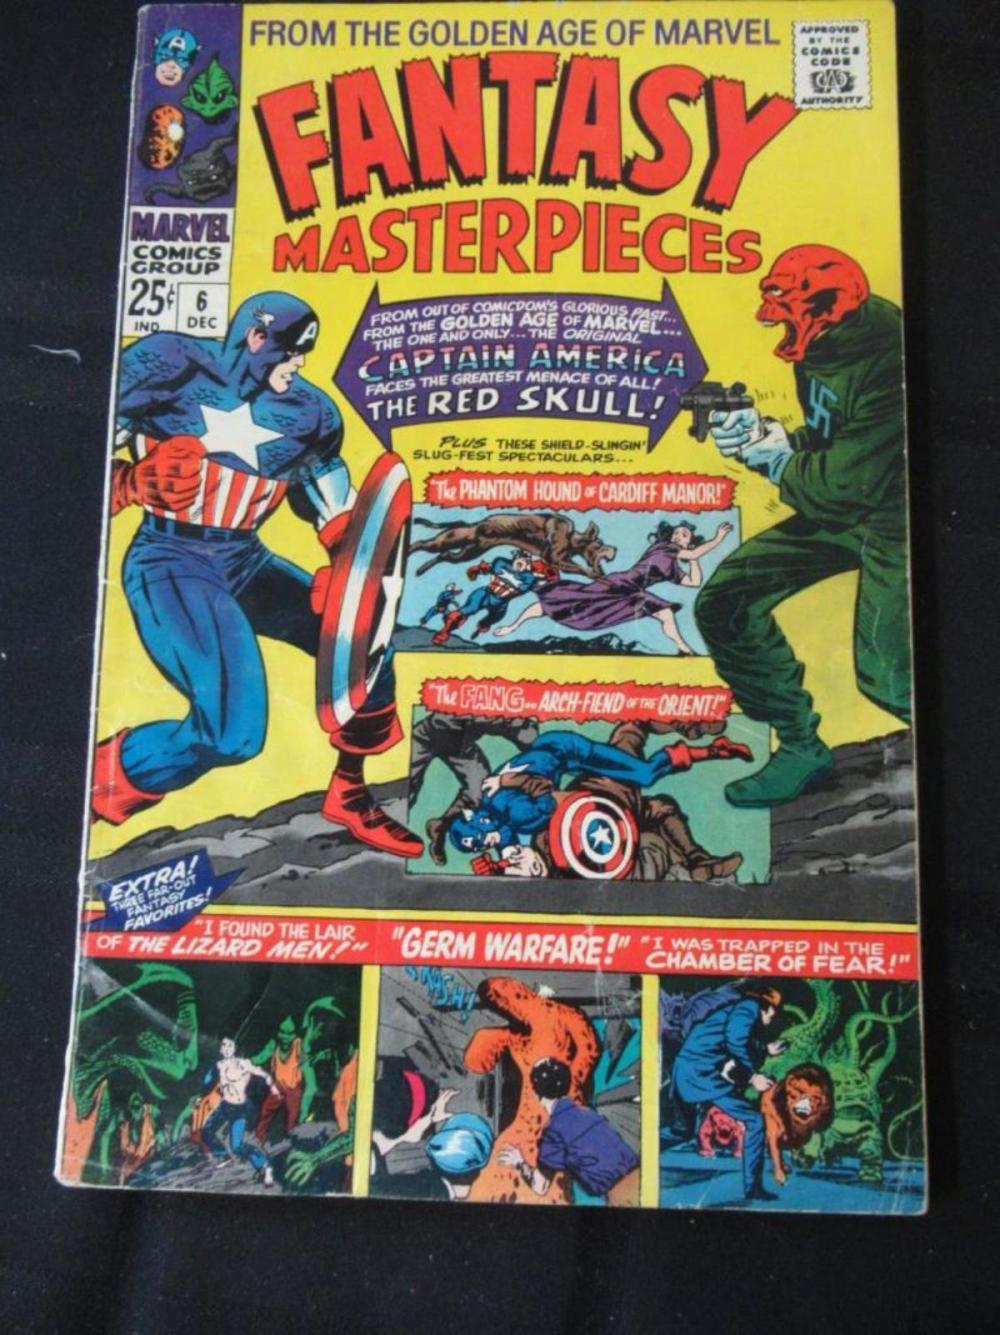 Fantasy Masterpieces 25c #6 Germ Warfare